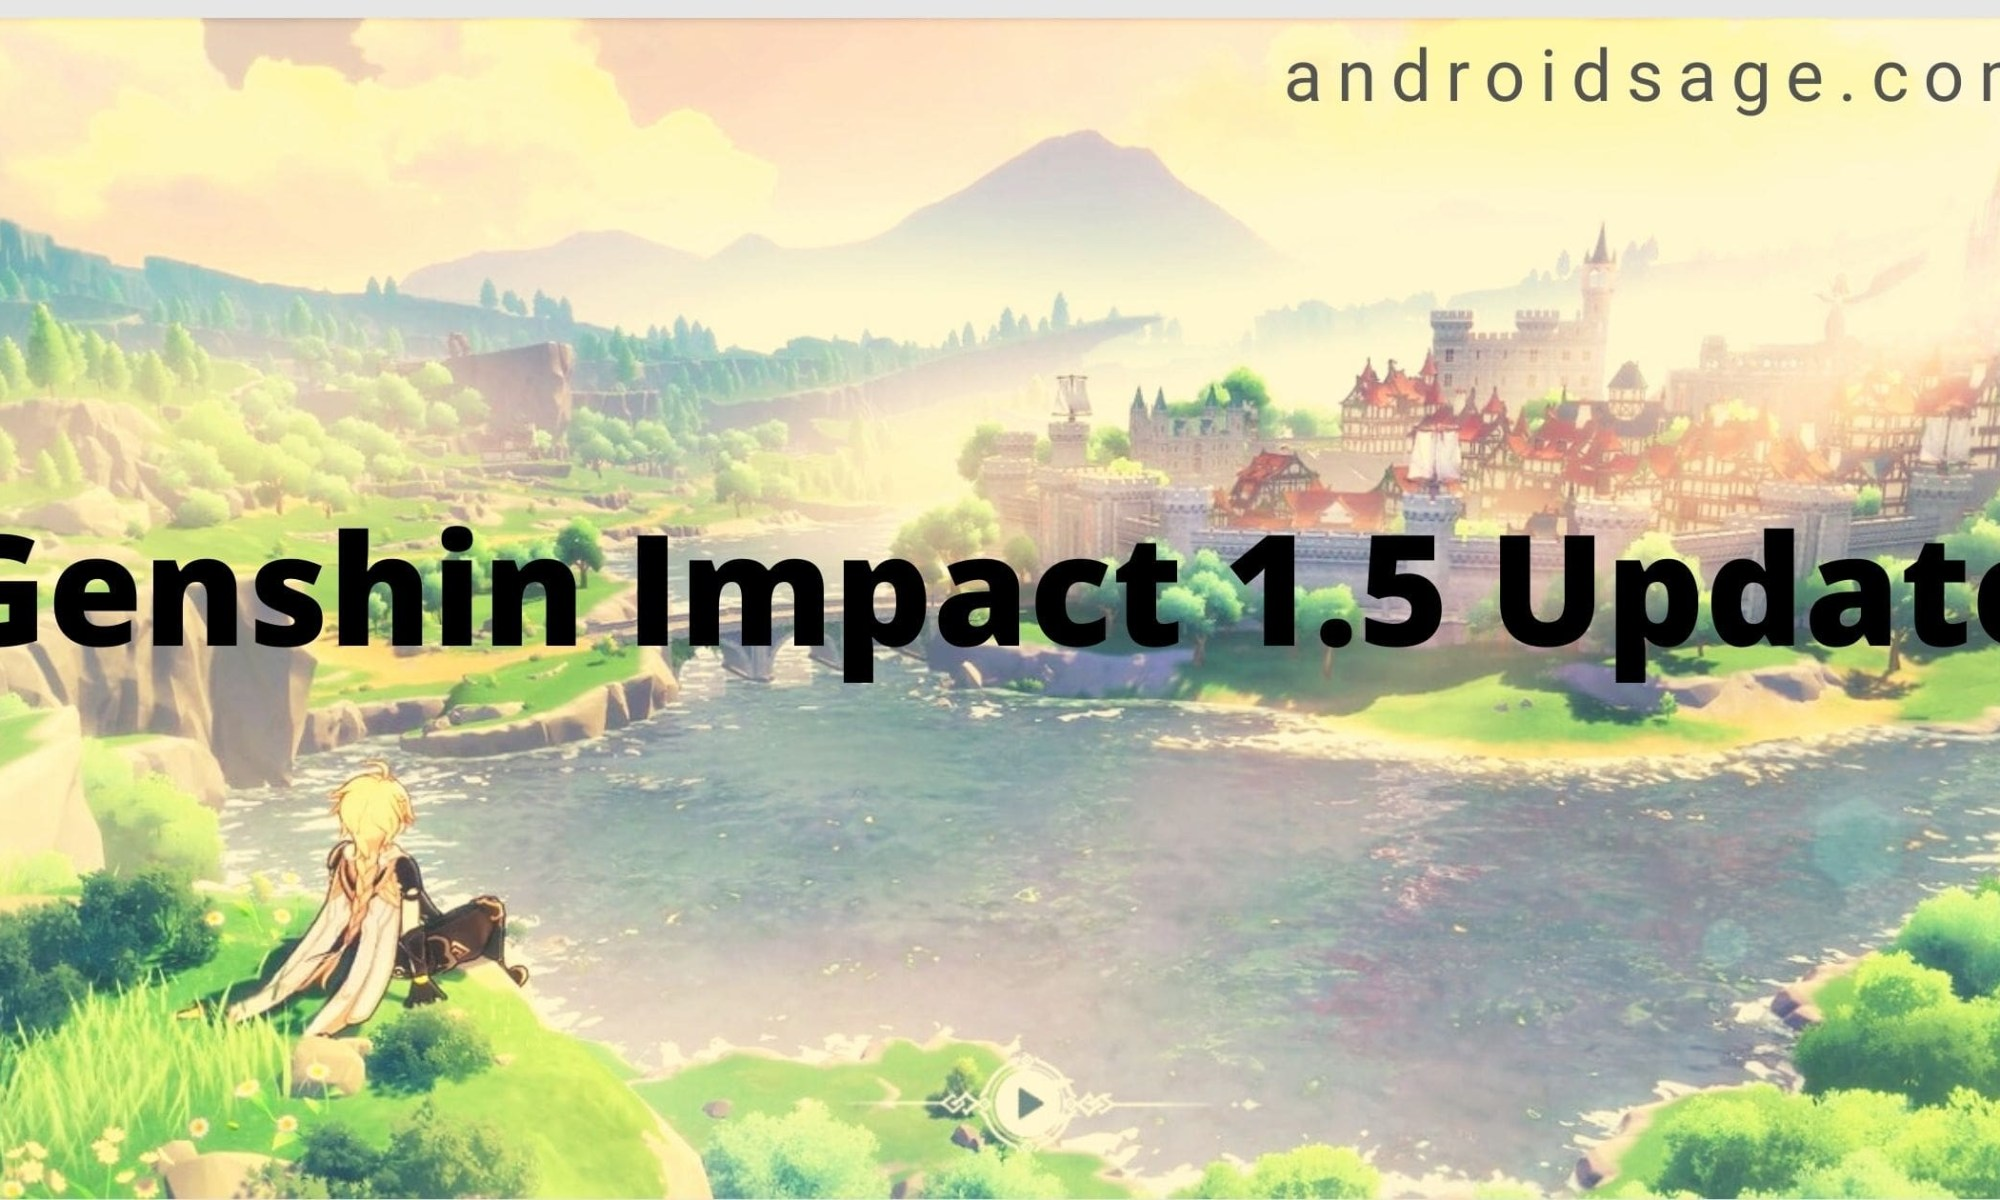 Genshin Impact 1.5 update